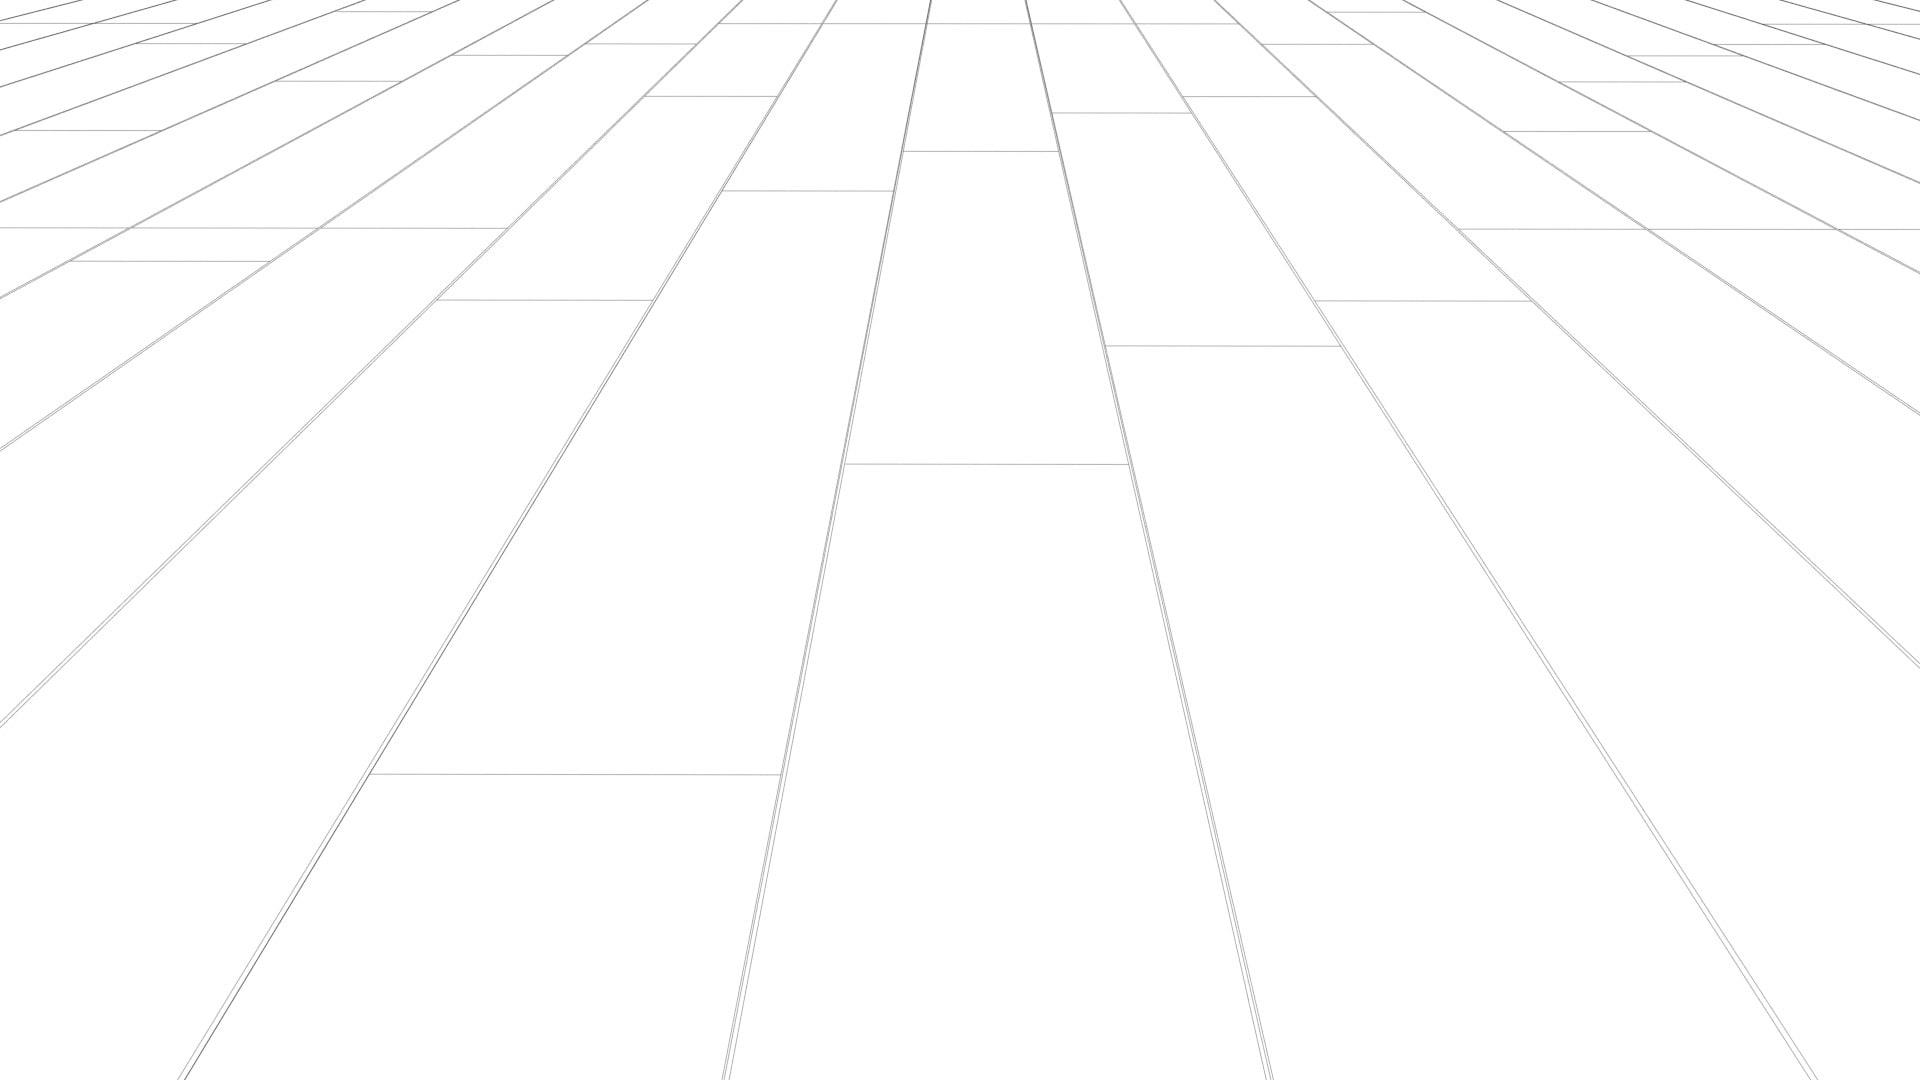 可憐の部屋 床 線画用